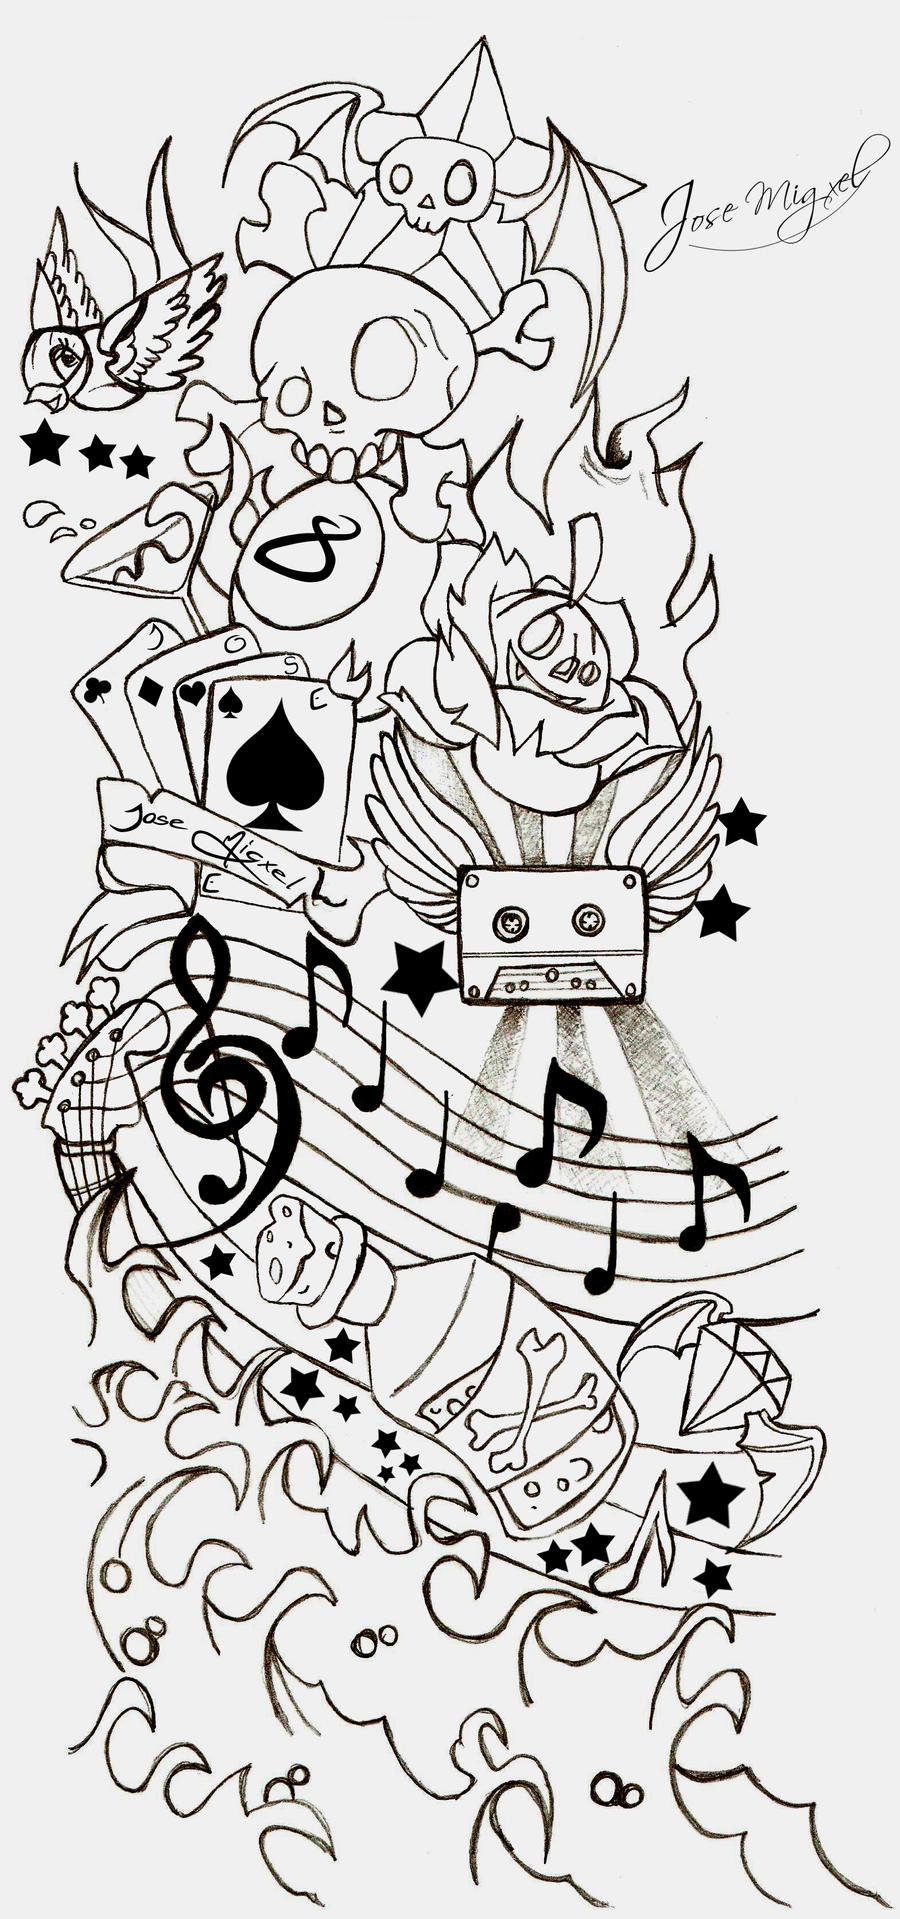 Tattoo New School By Ripskool Digital Art Drawings Illustrations